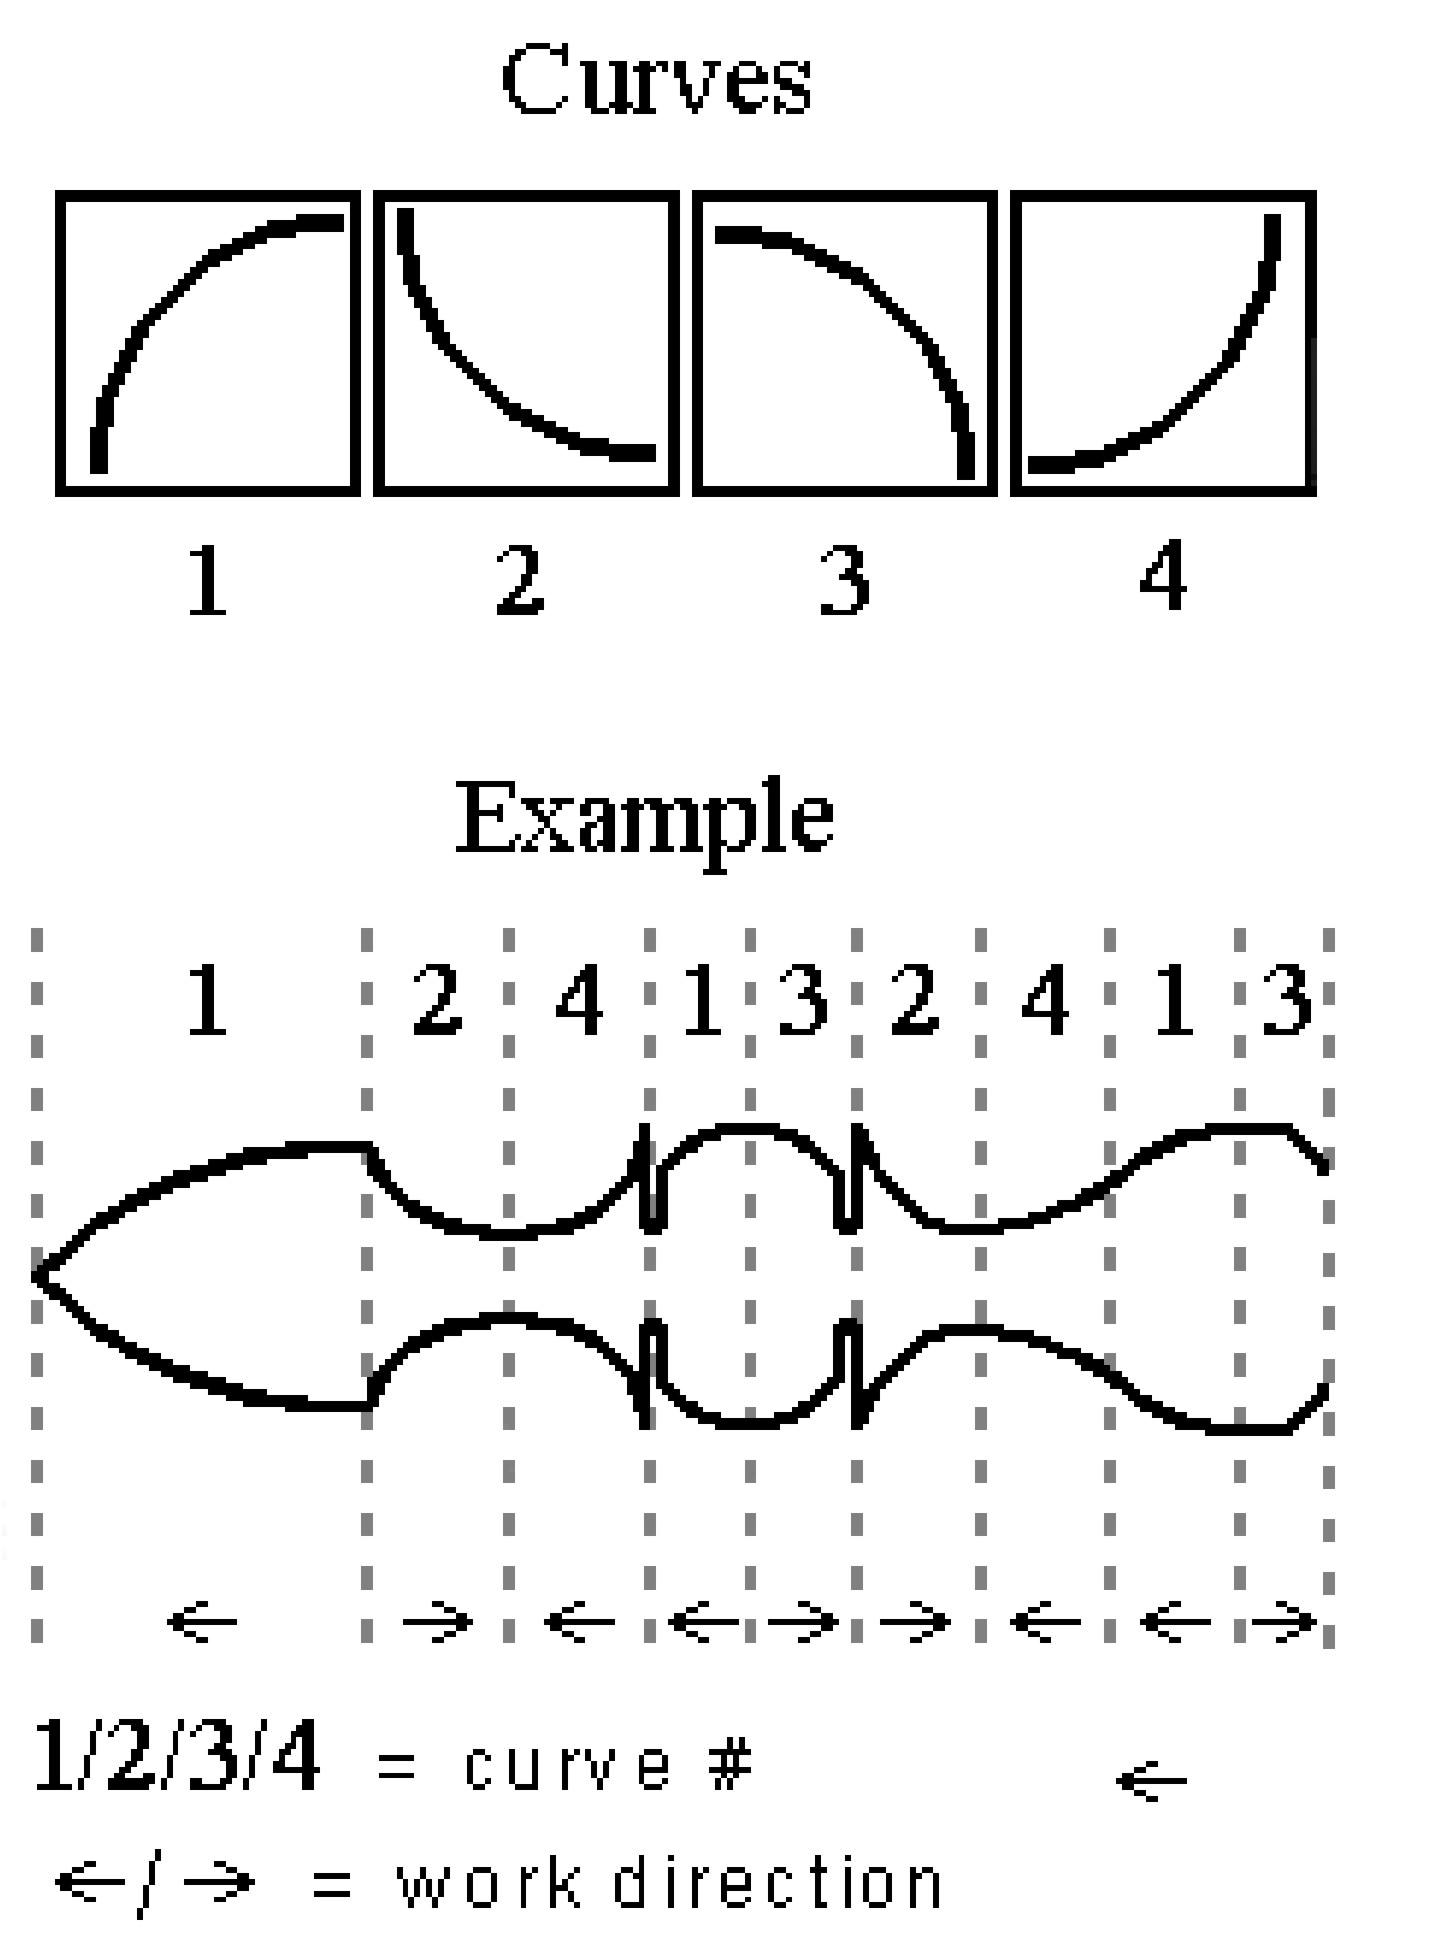 Figure 1- Curves